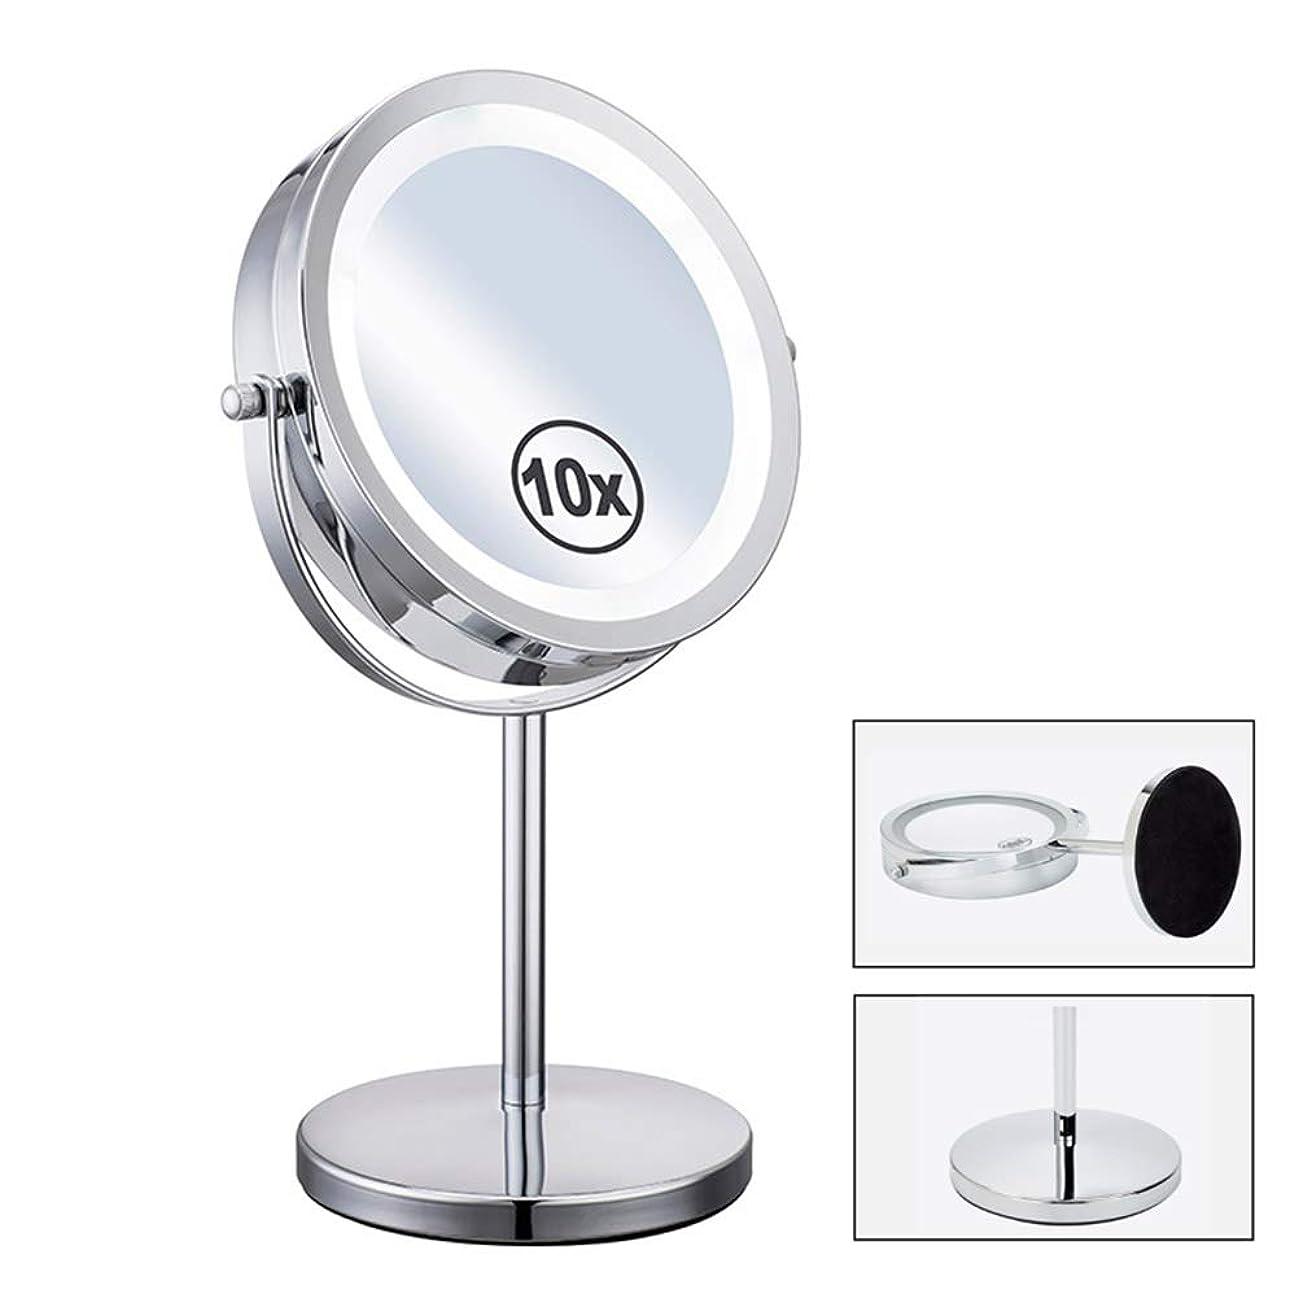 実現可能性文句を言う永久LED照明付き化粧鏡、10倍拡大鏡、360°回転式両面化粧鏡、寝室または浴室に適しています、7インチ